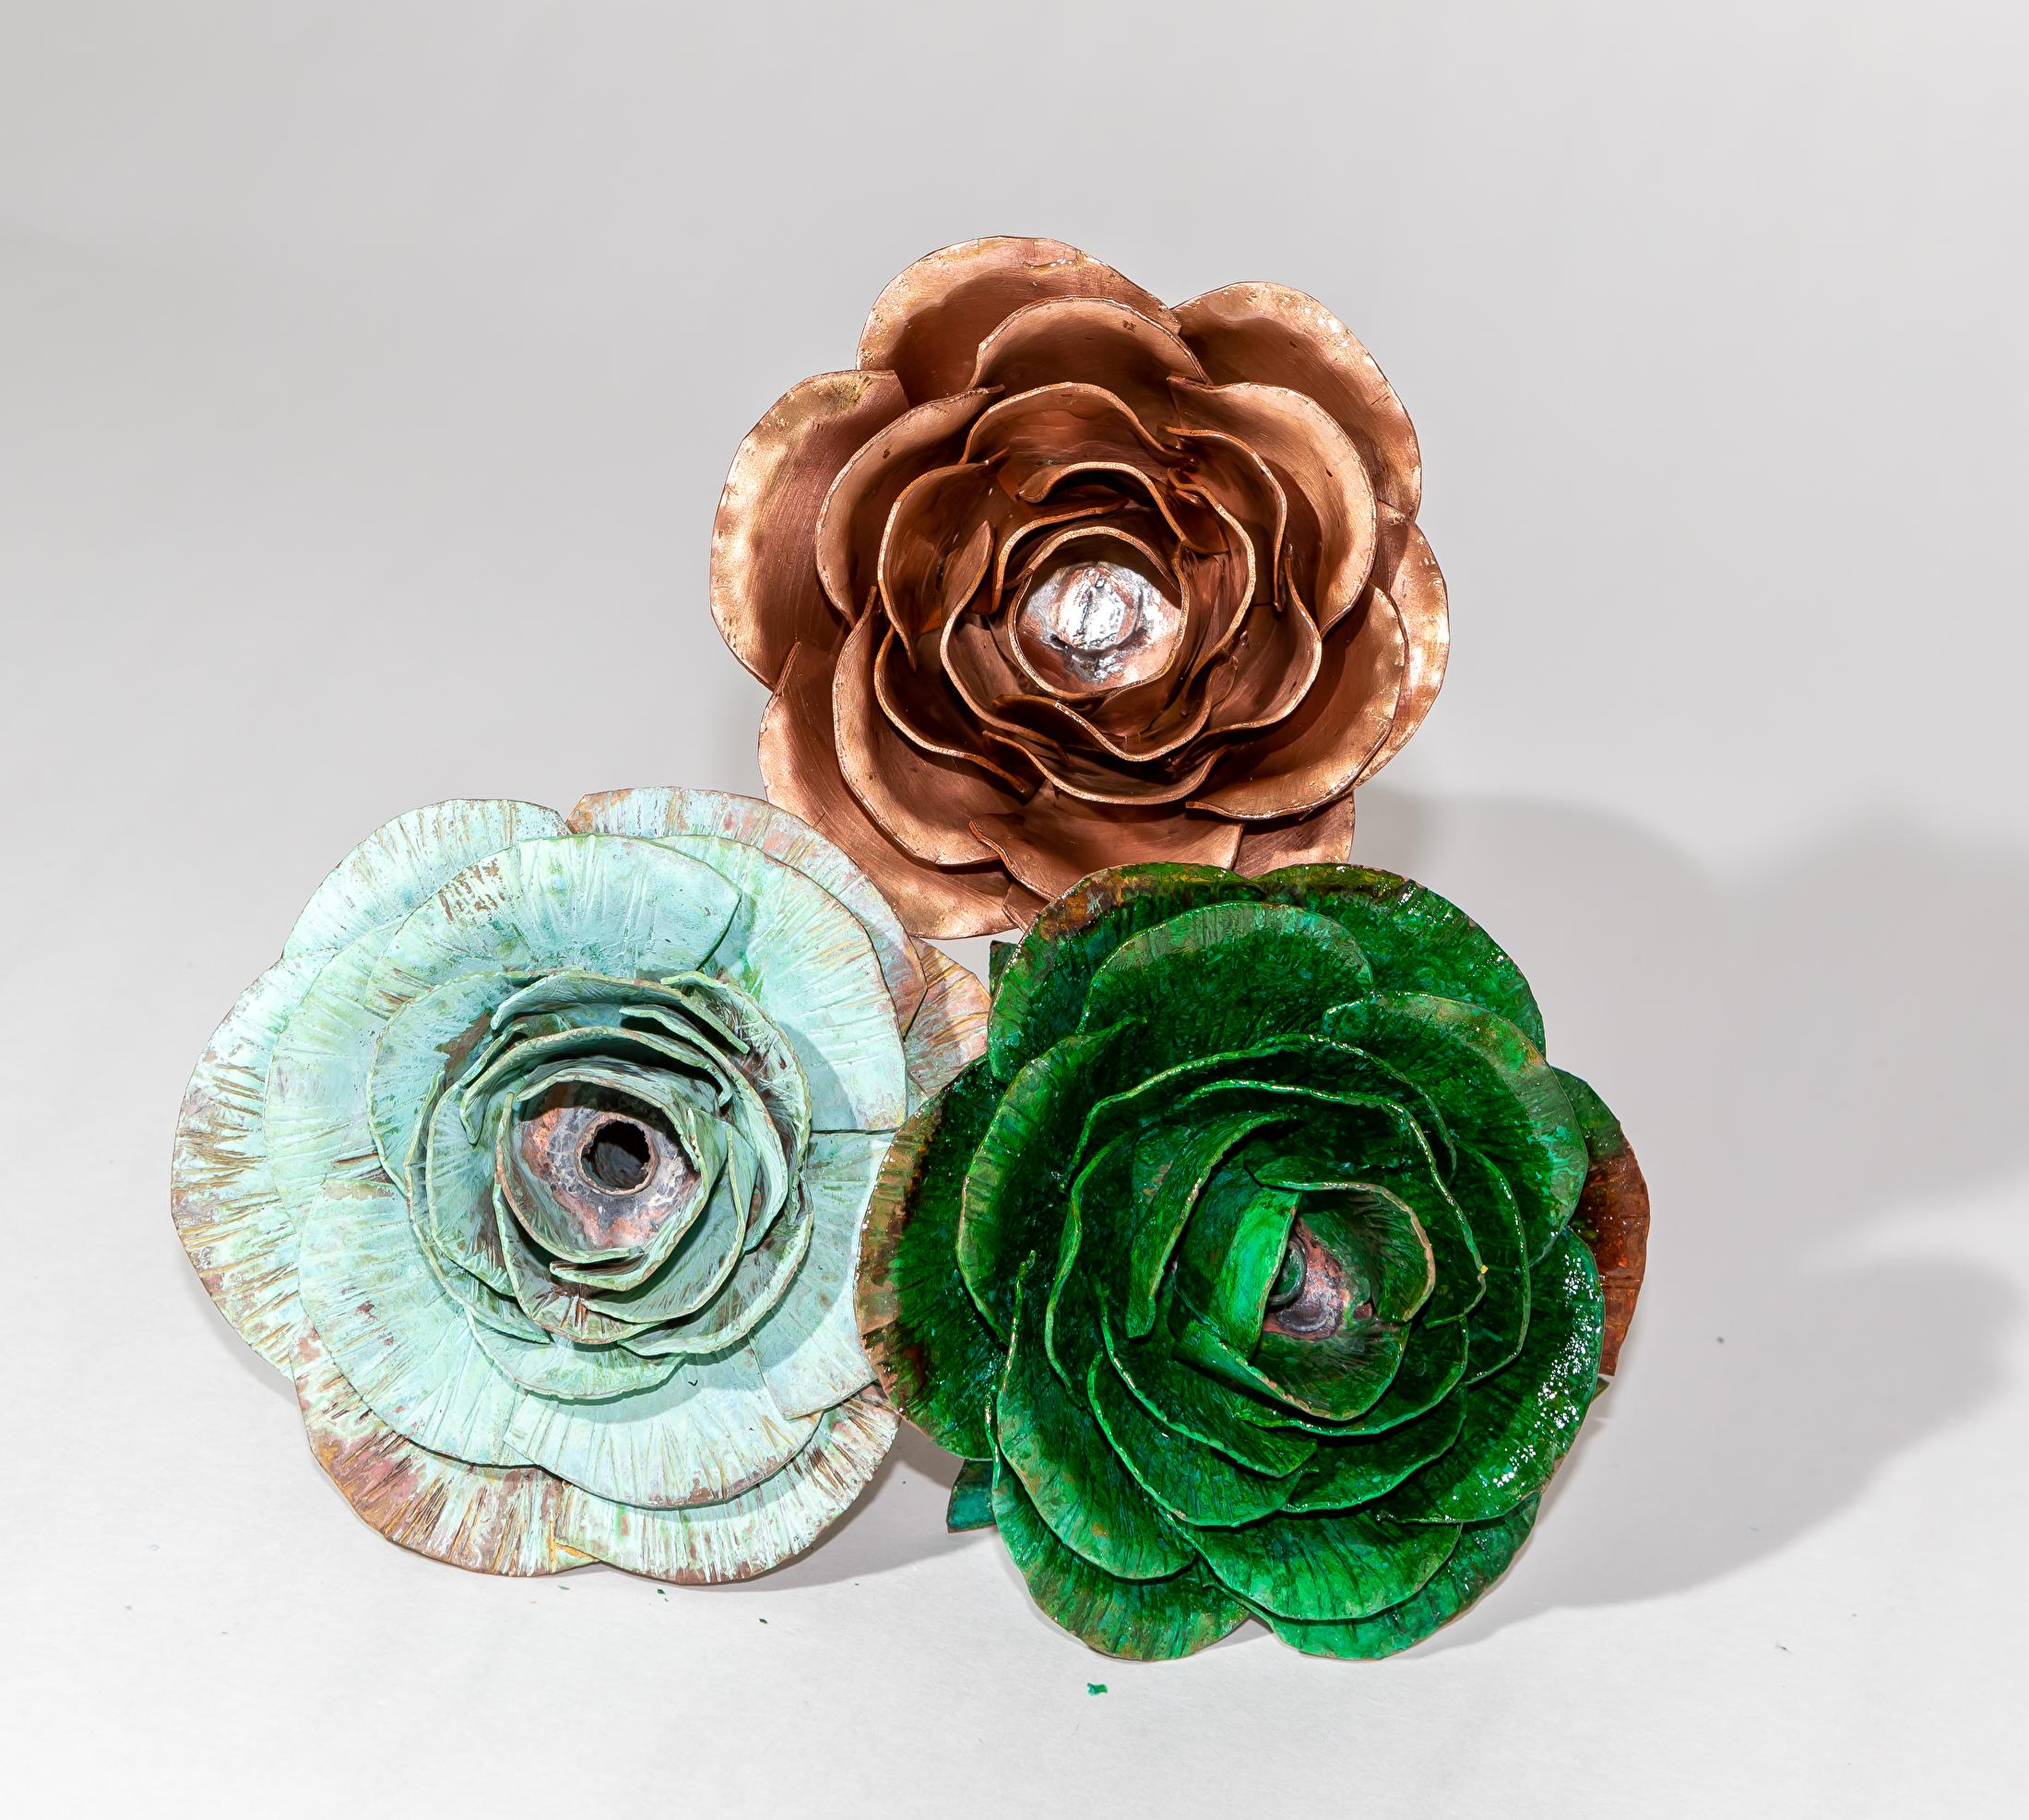 Drietal rozen van koper